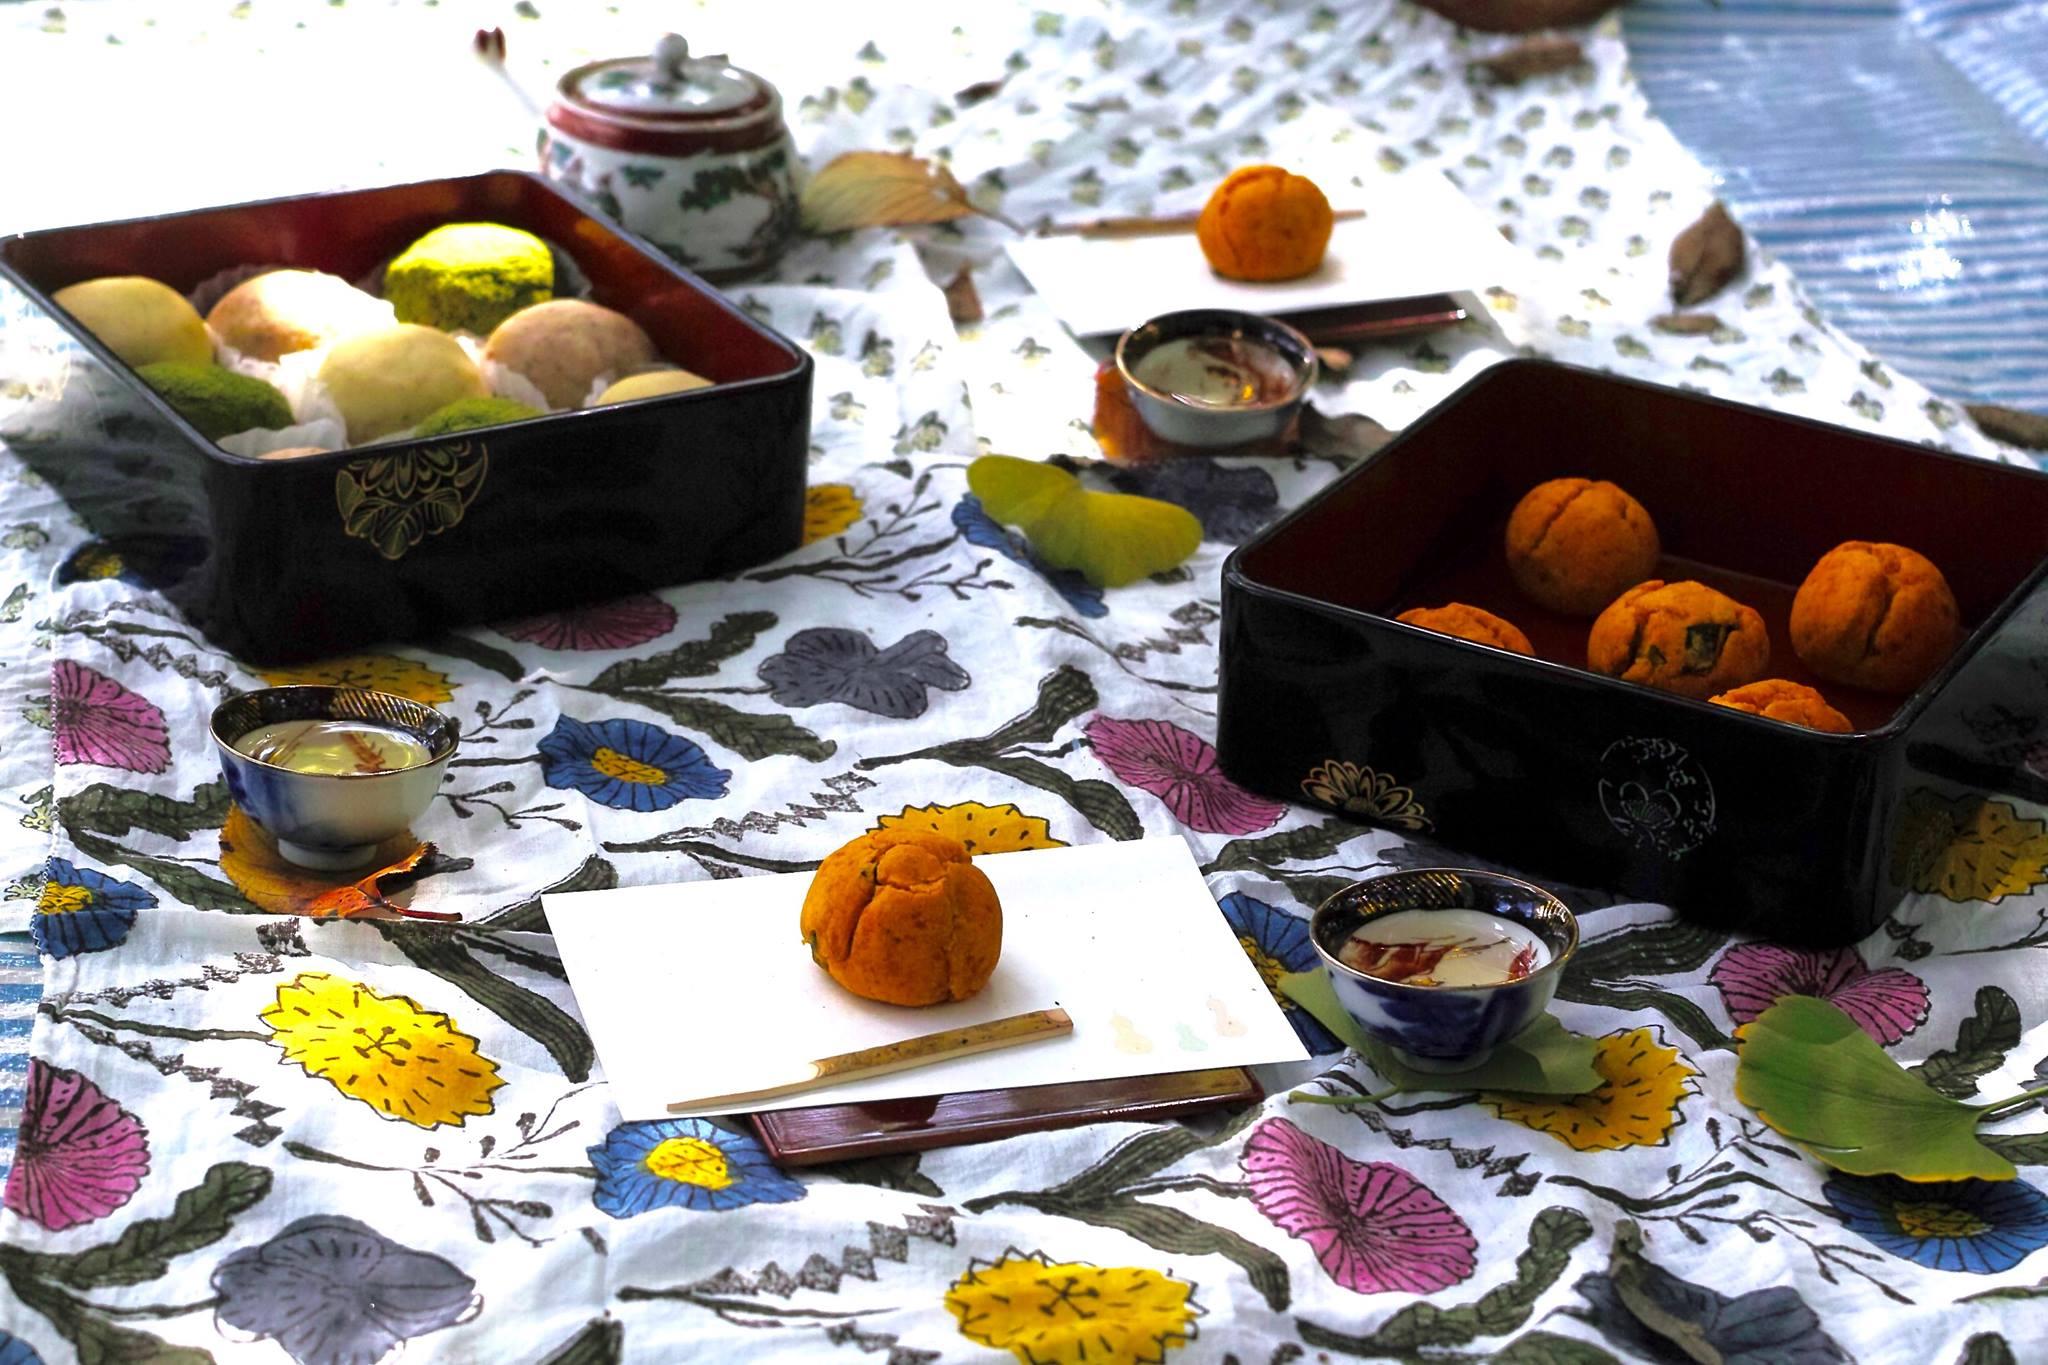 <!--:ja-->お茶の体験、茶鳥風(cha-trip)「すずめのお茶山ピクニック」。<!--:-->